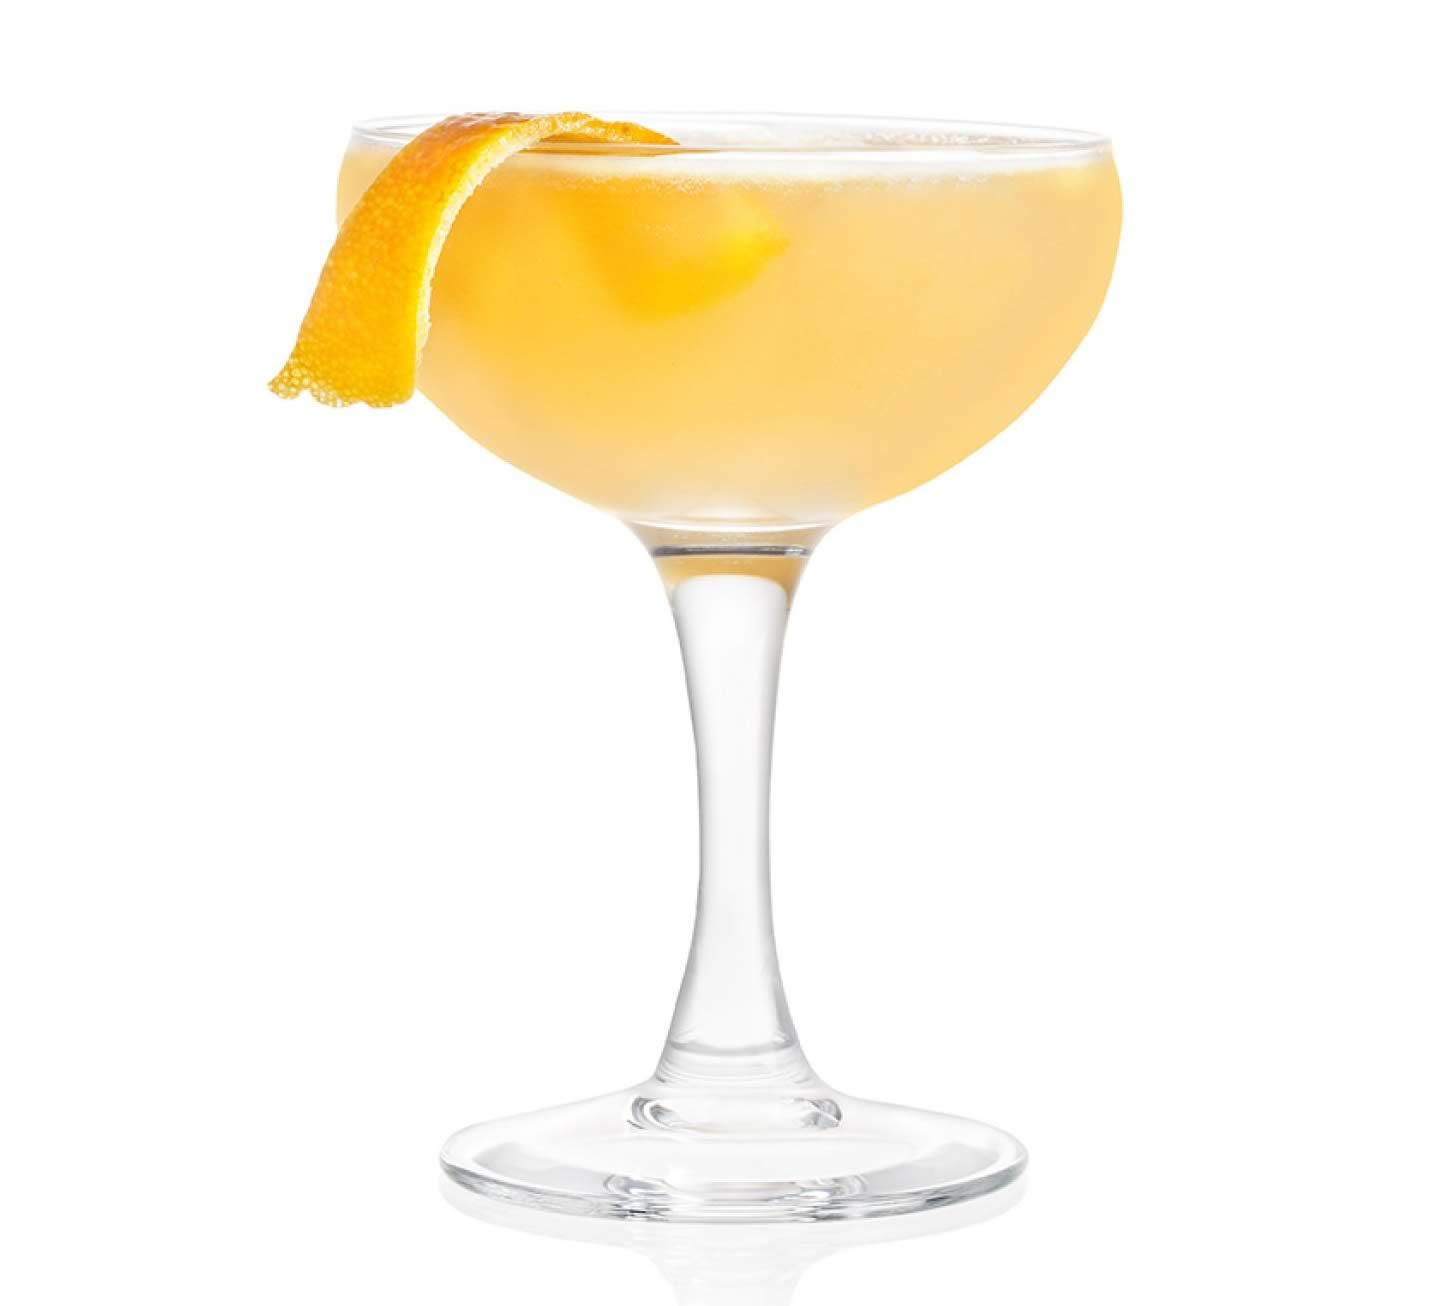 Зиг Заг фото коктейля